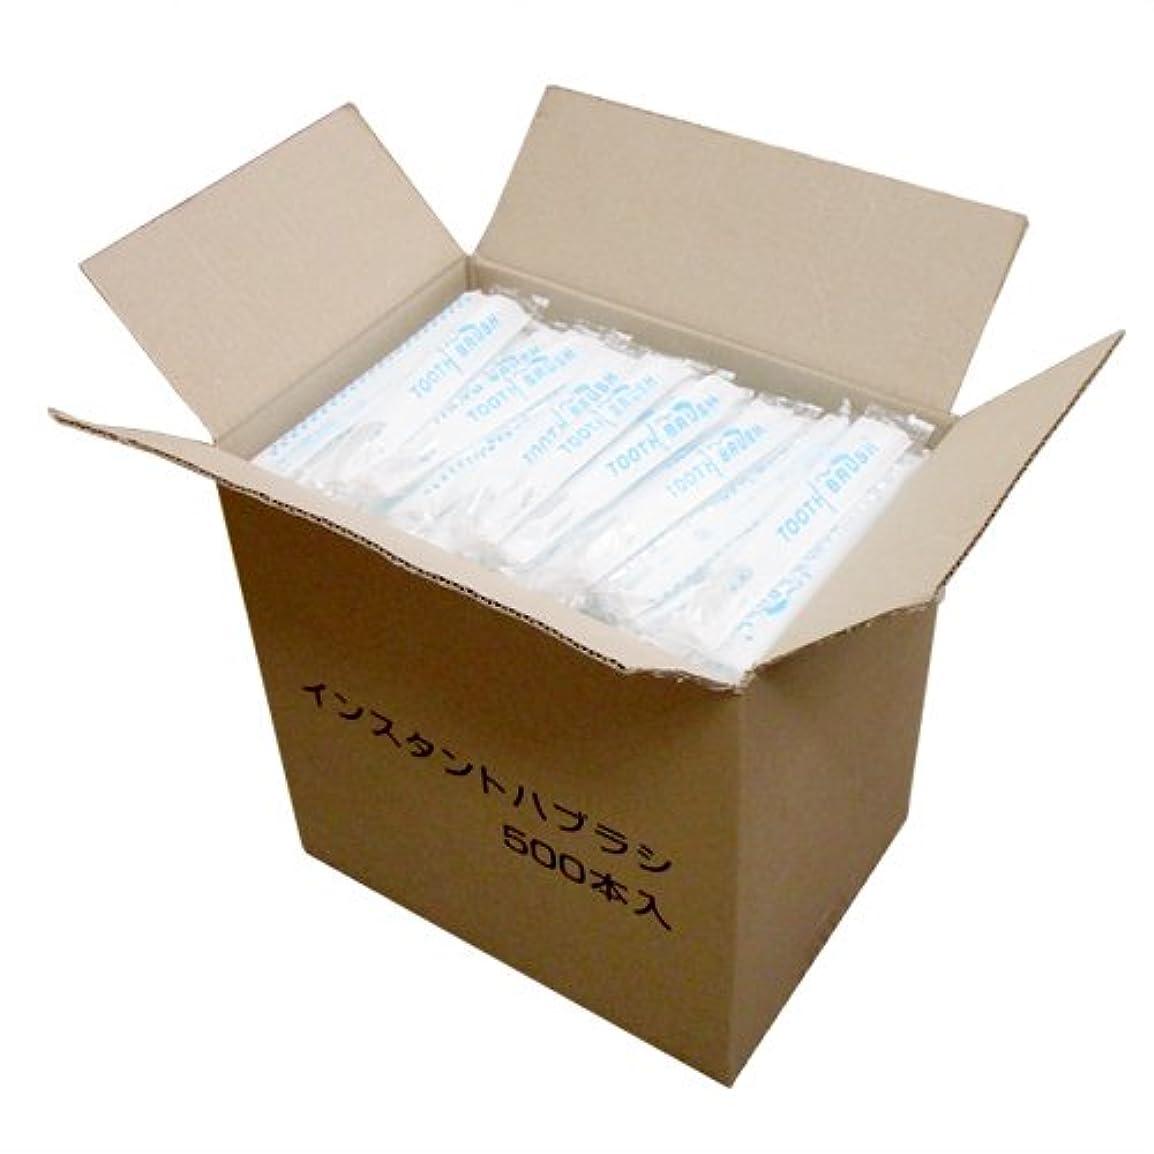 驚きバイオレット兵士業務用 日本製 使い捨て粉付き歯ブラシ 個包装タイプ 500本入×1箱│ホテルアメニティ